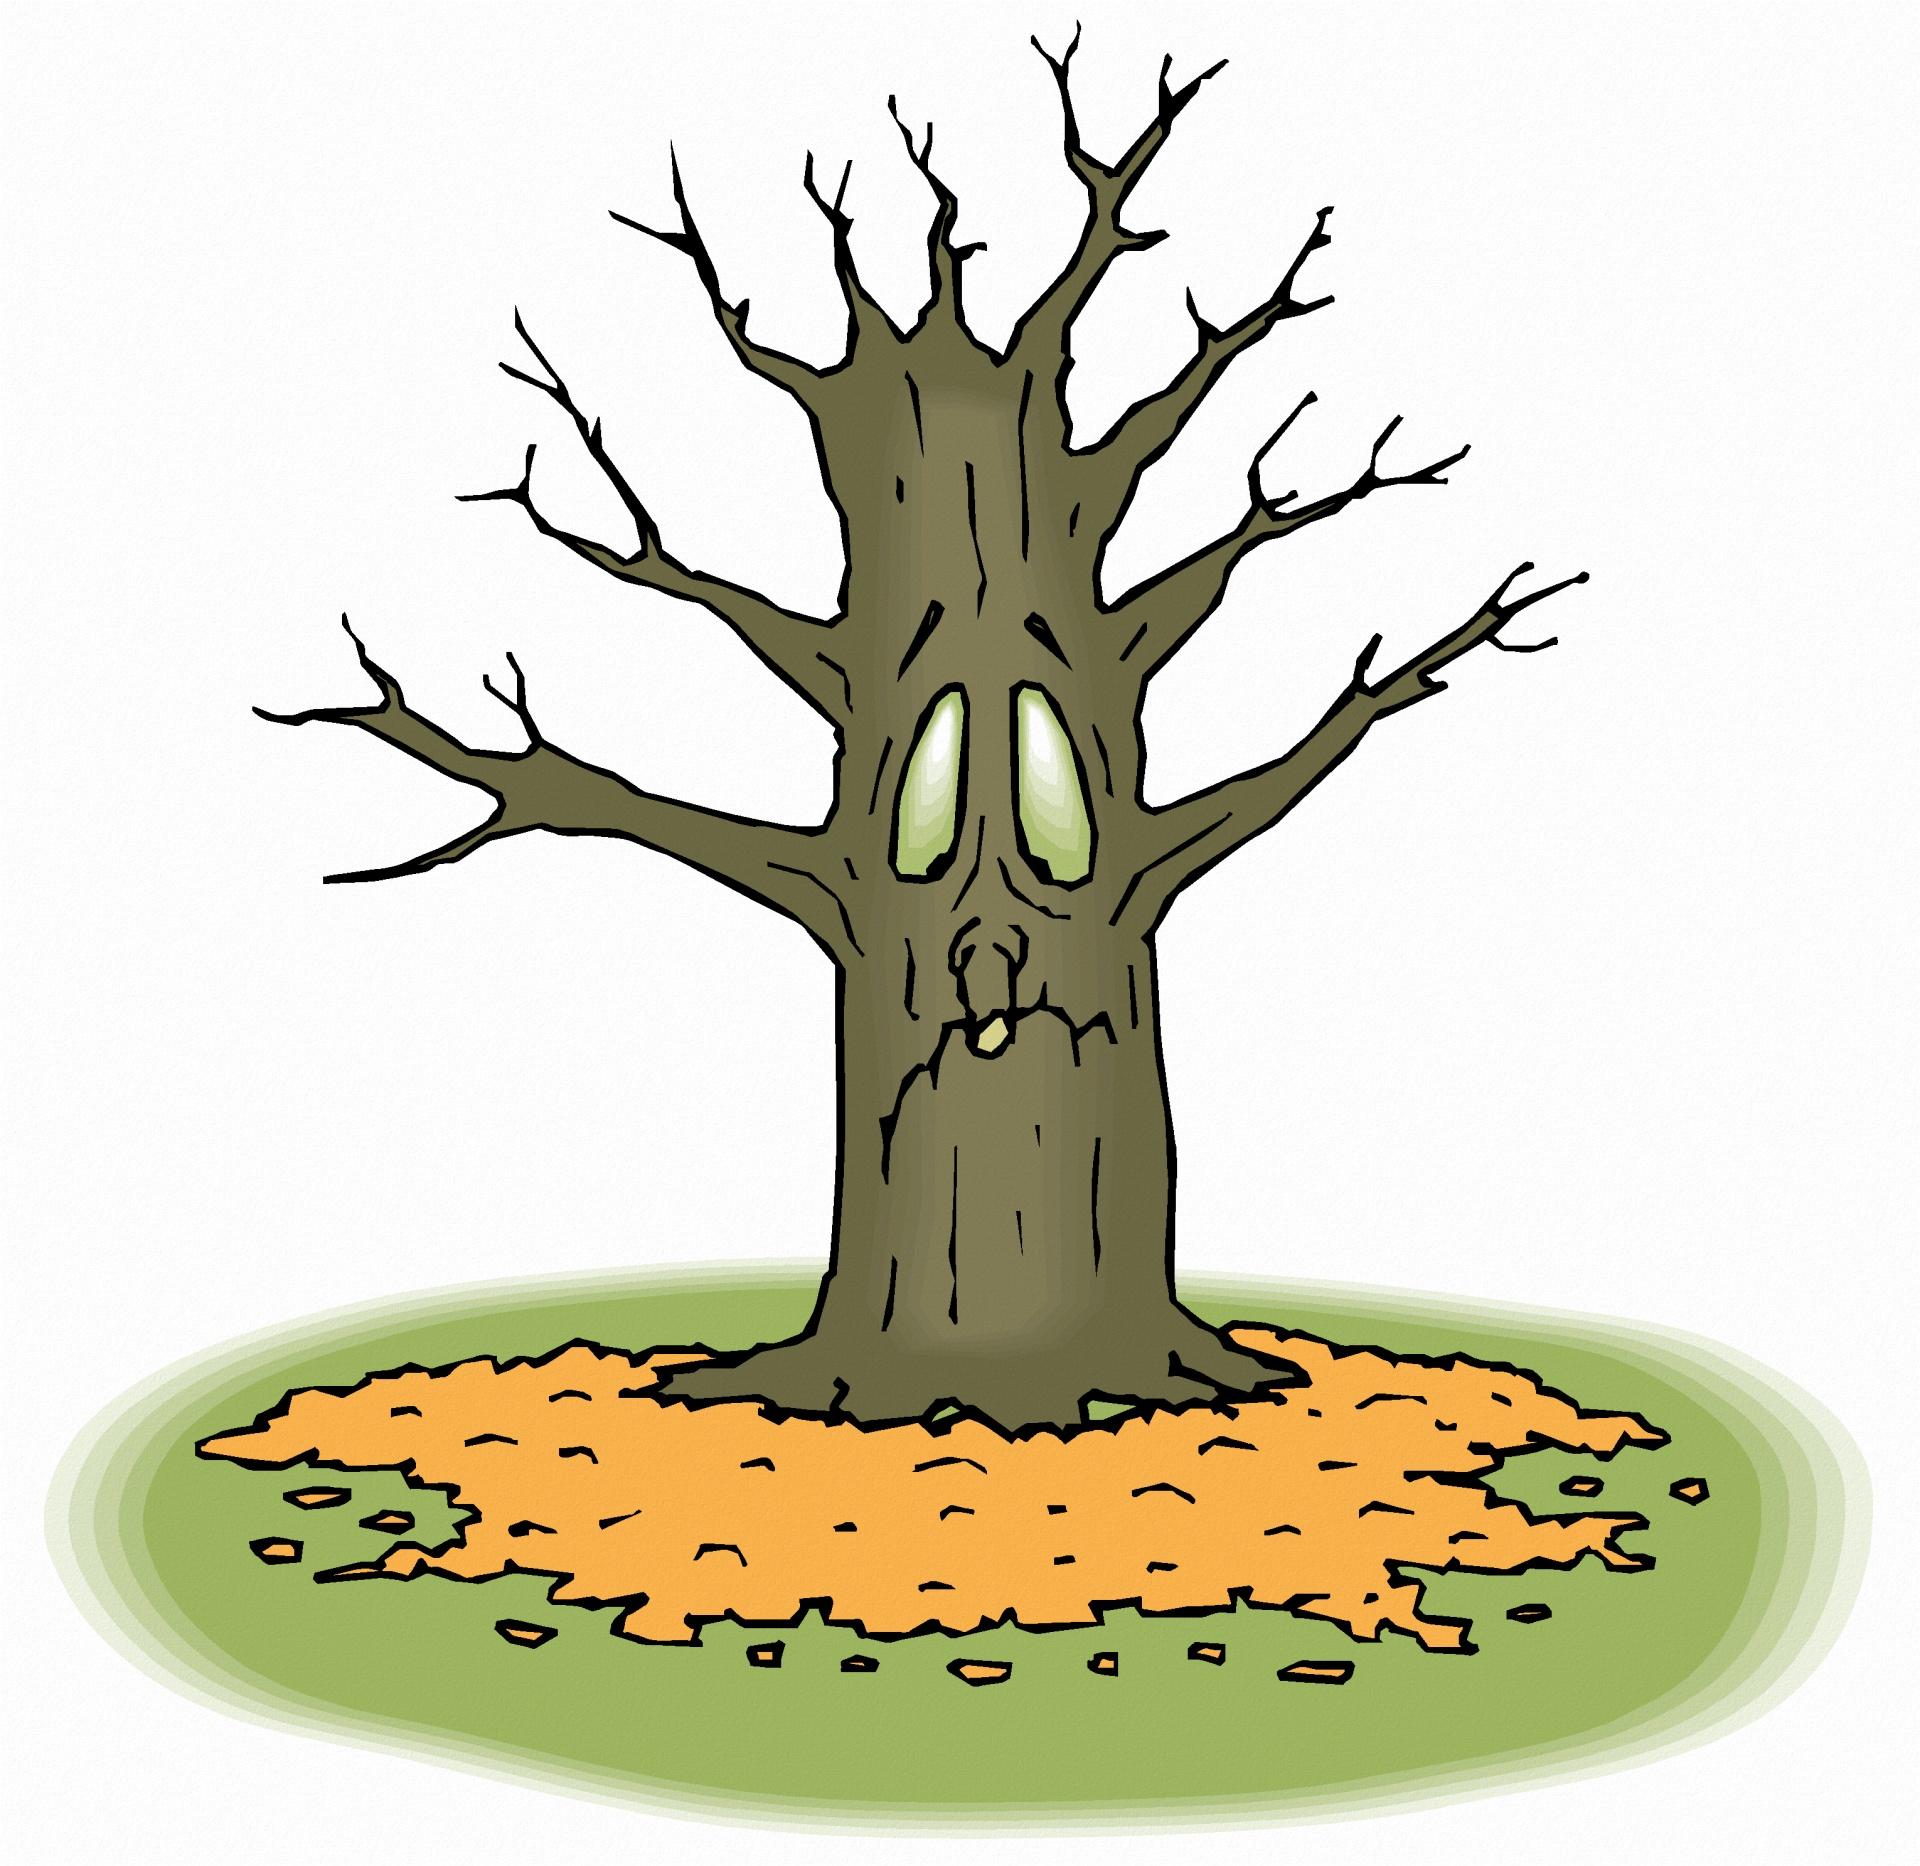 Plant clipart sad Sad Free 4 Tree Sad